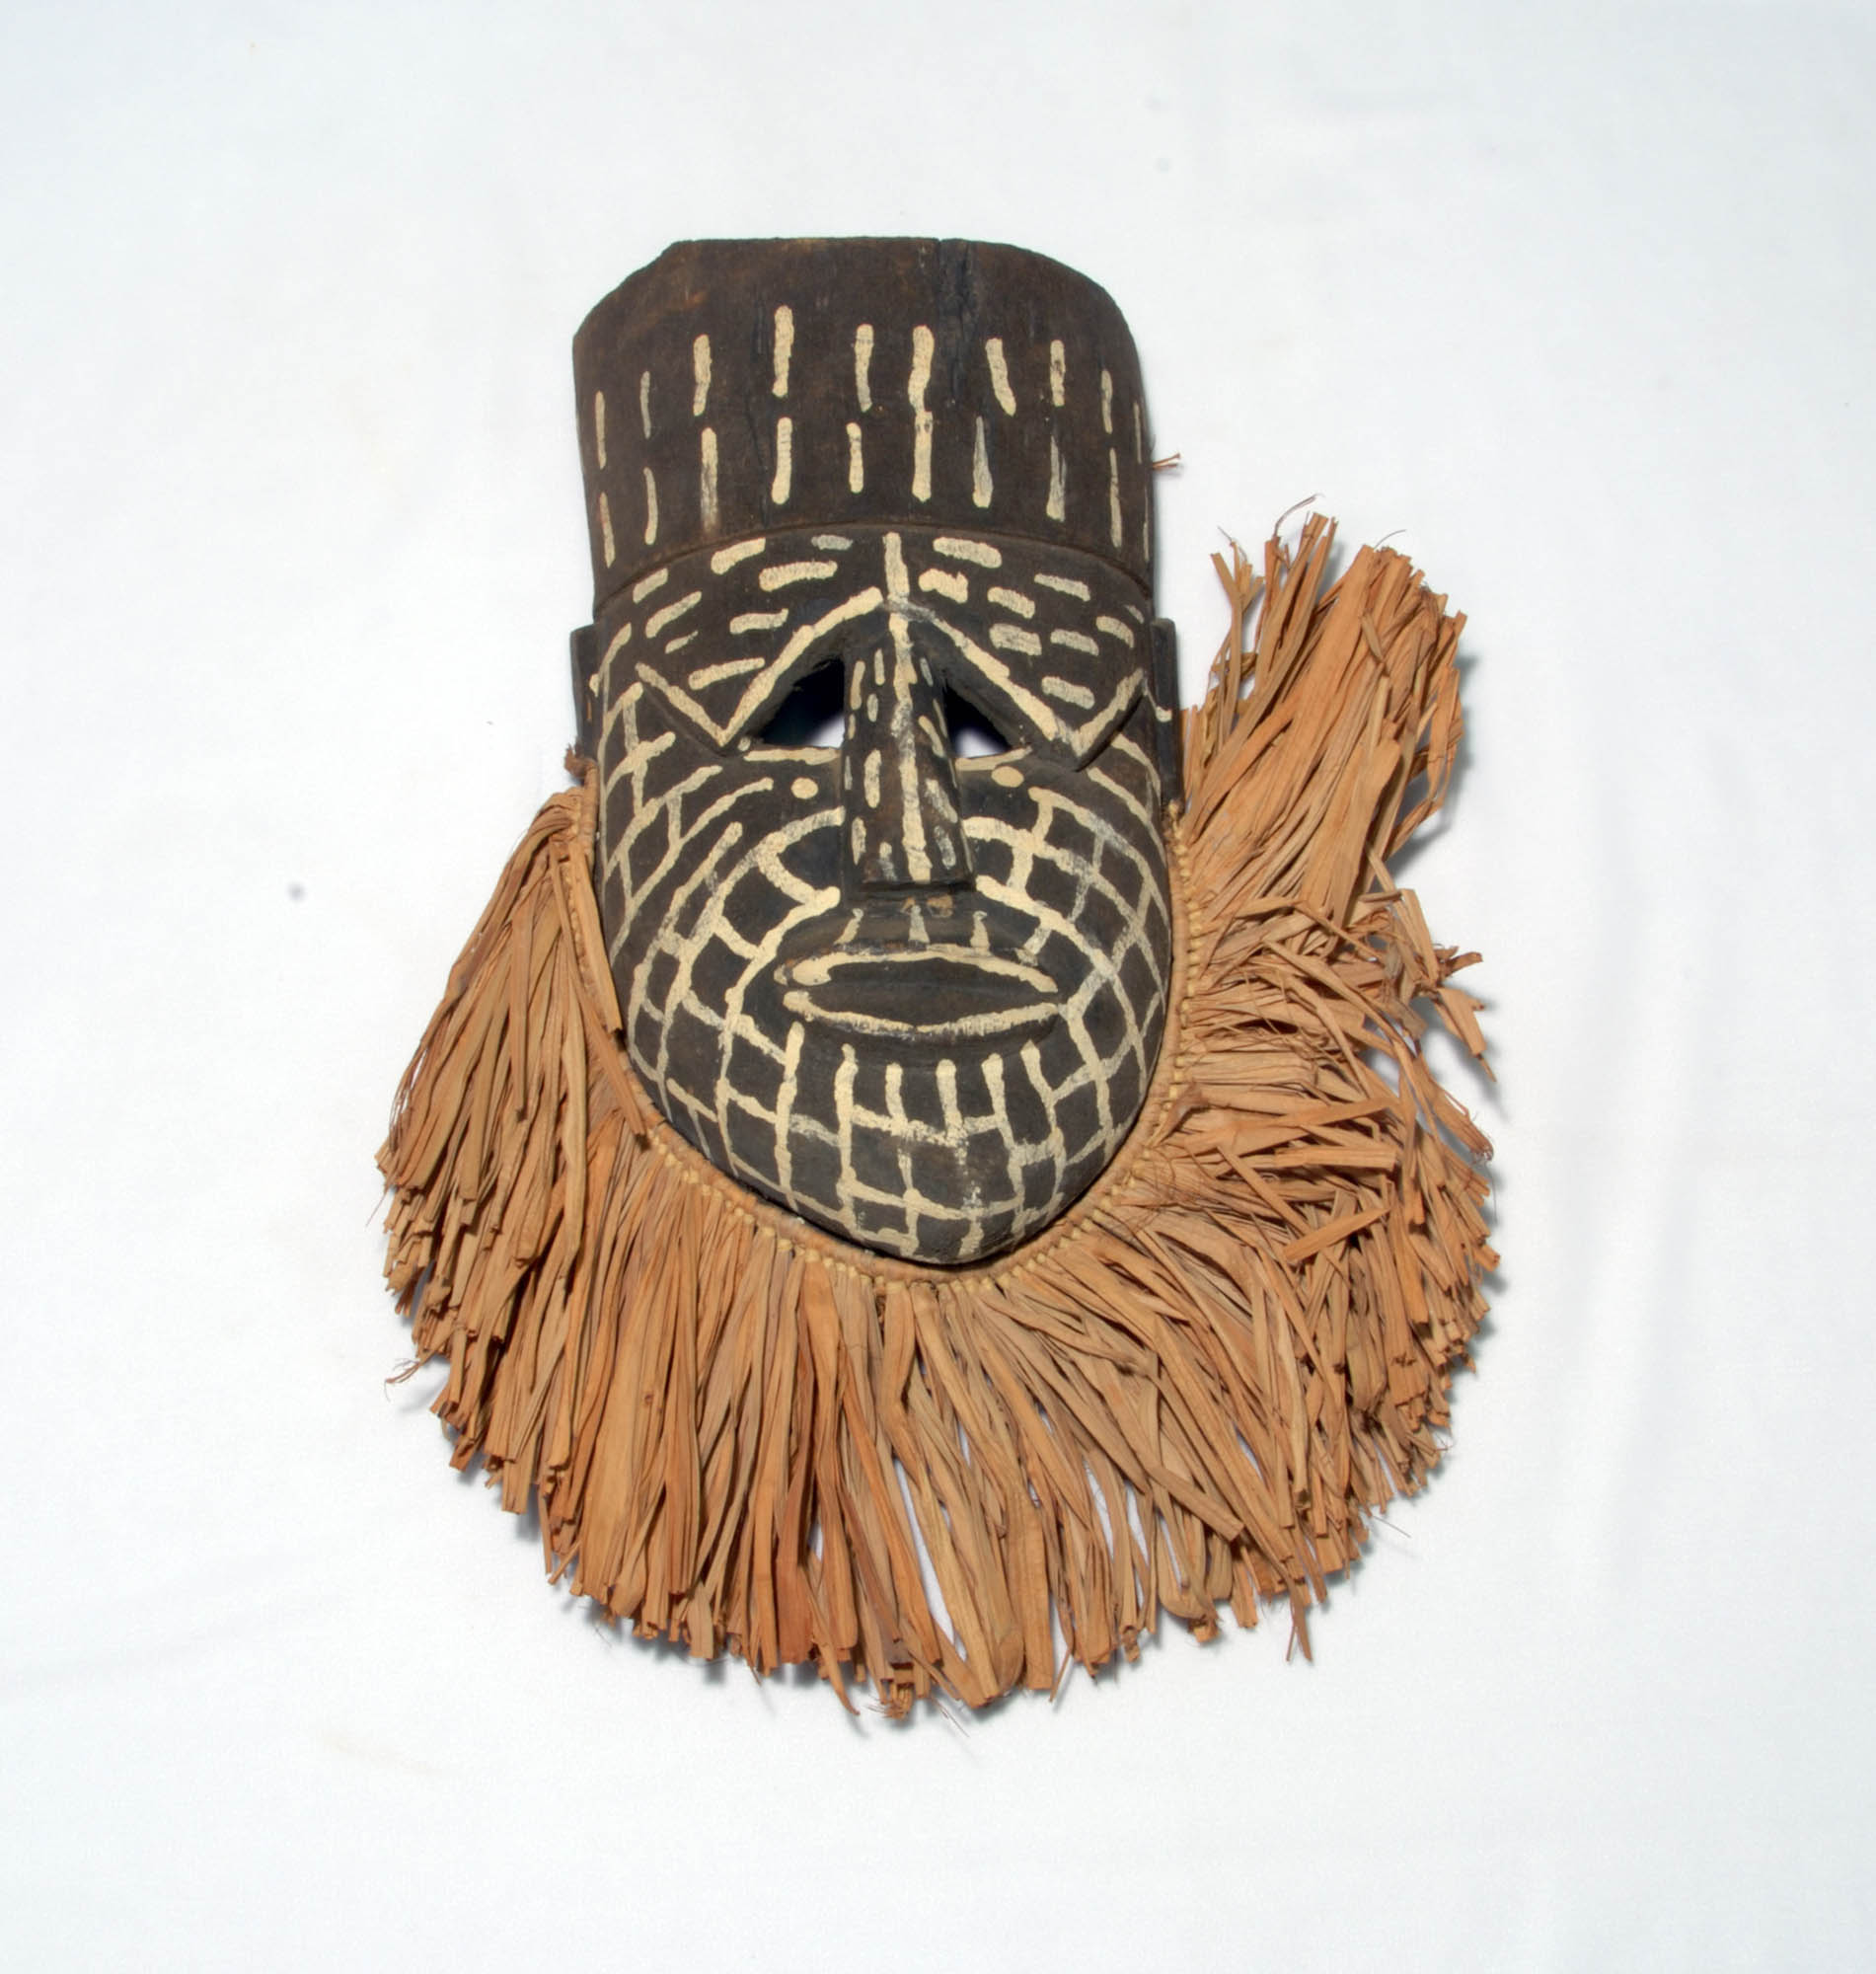 Wooden Ndaka mask